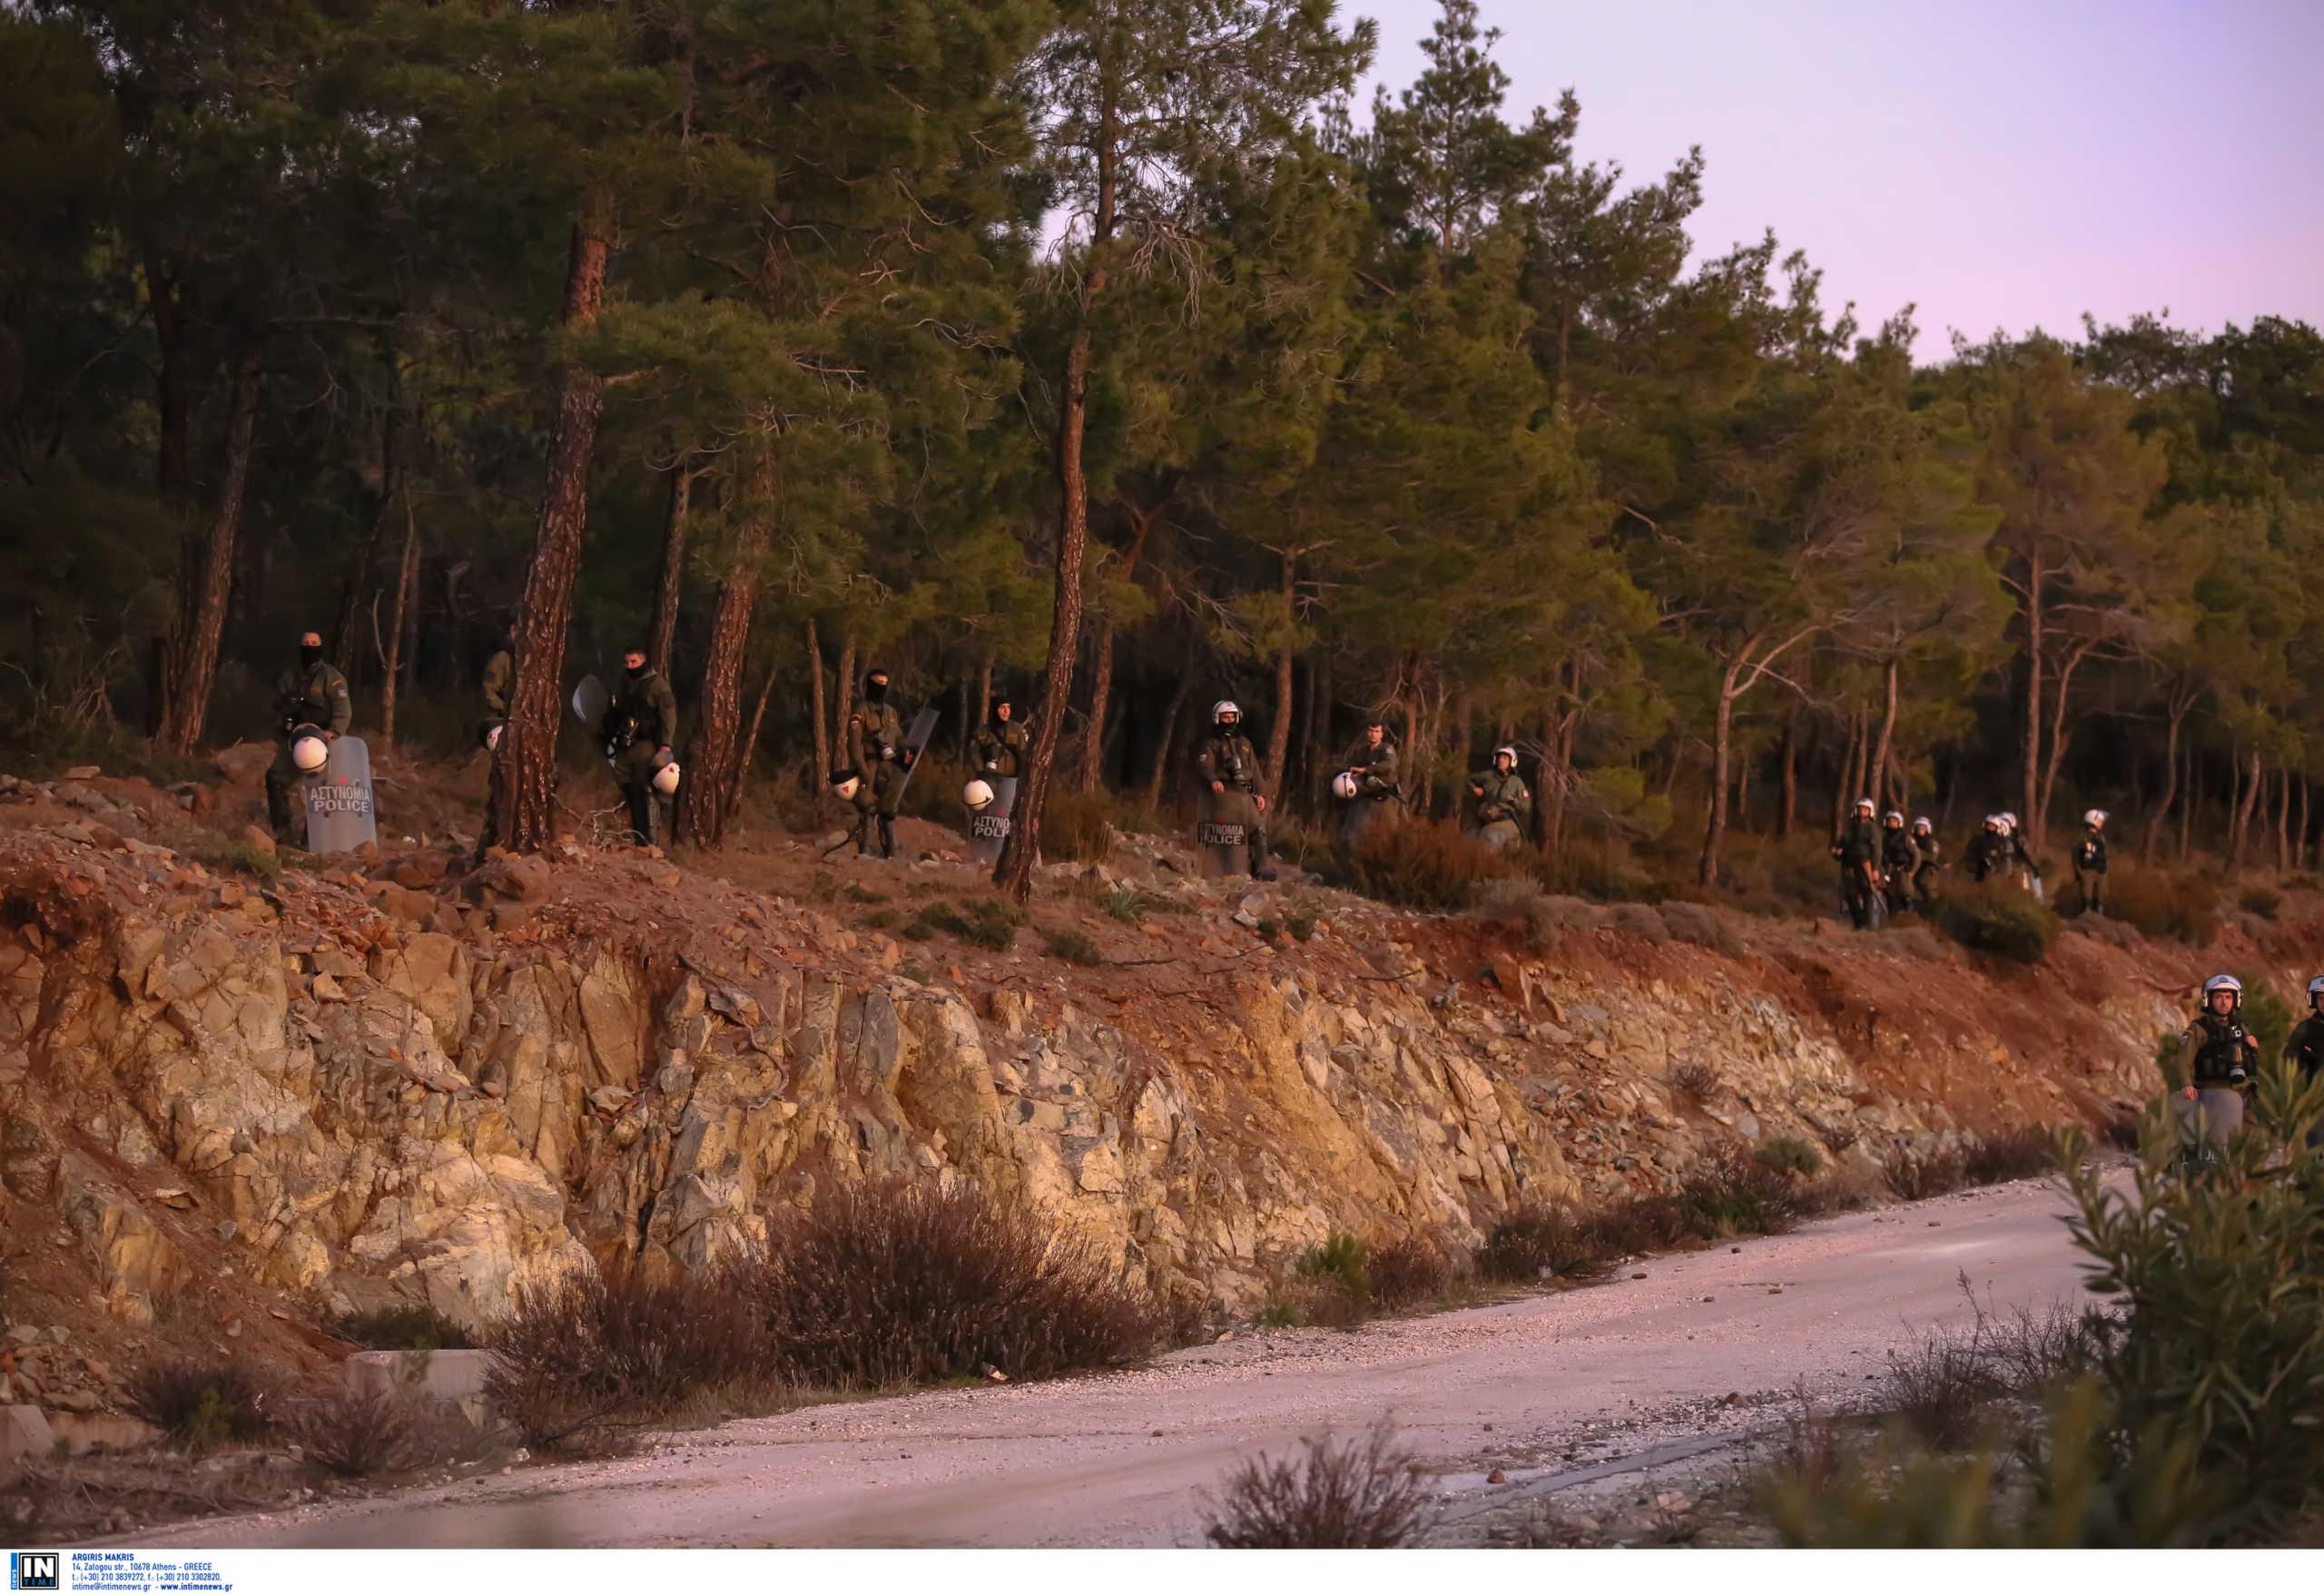 Τραυματισμοί και συλλήψεις σε Λέσβο και Χίο! Μεγάλες συγκεντρώσεις για το προσφυγικό